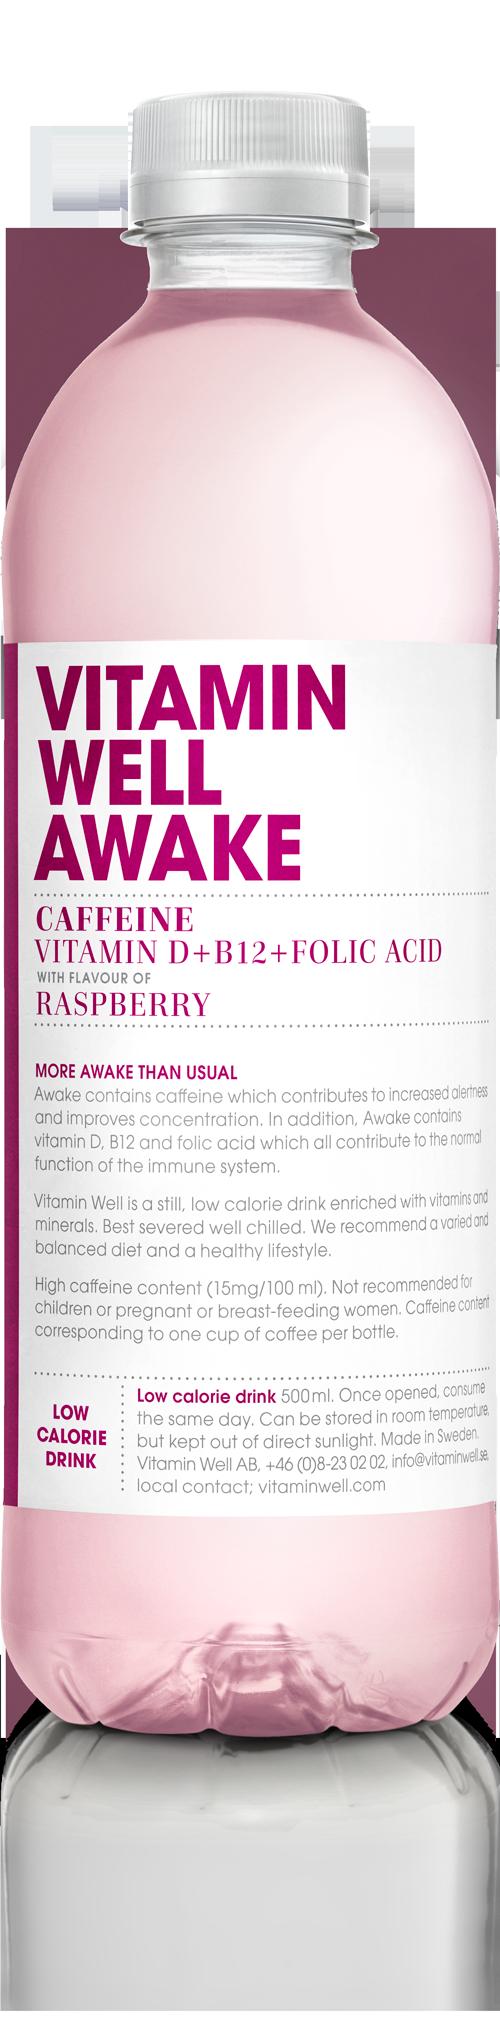 Vitamin Well Awake 500ml